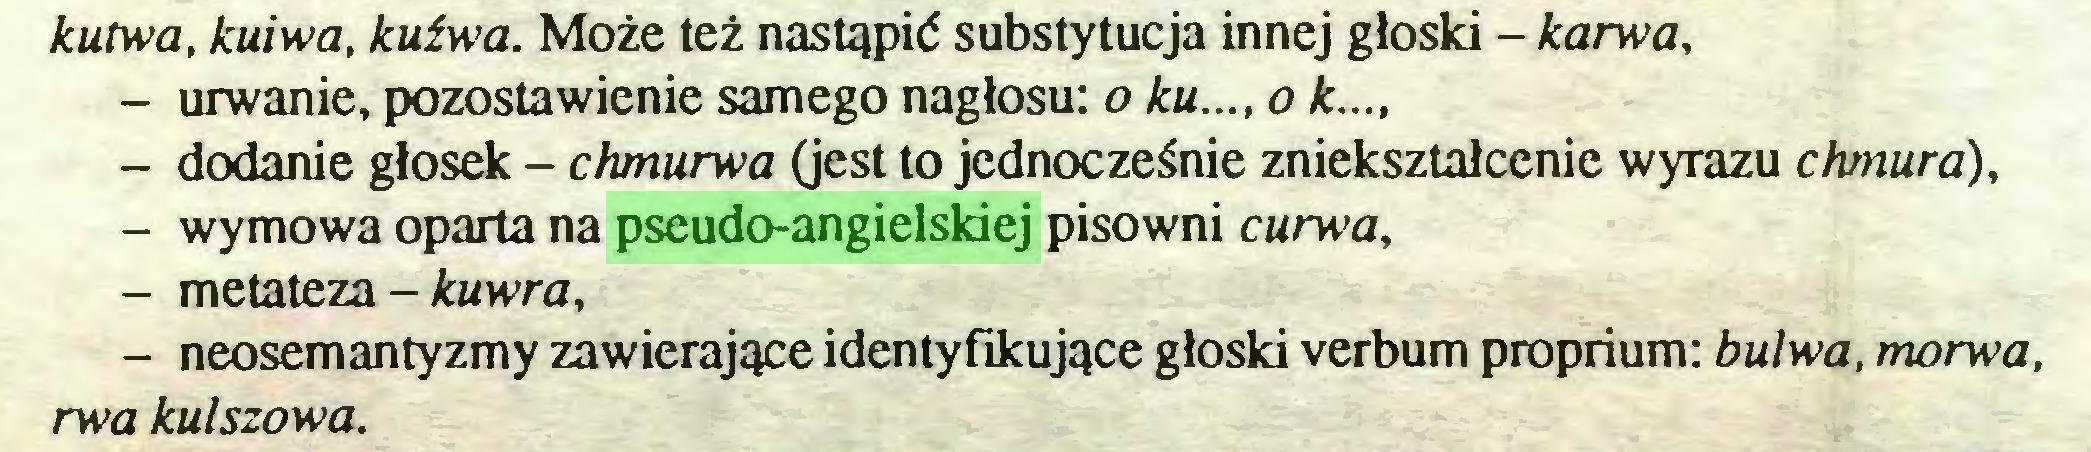 (...) kutwa, kuiwa, kuźwa. Może też nastąpić substytucja innej głoski - karwa, - urwanie, pozostawienie samego nagłosu: o ku..., o k..., - dodanie głosek - chmurwa (jest to jednocześnie zniekształcenie wyrazu chmura), - wymowa oparta na pseudo-angielskiej pisowni curwa, - metateza - kuwra, - neosemantyzmy zawierające identyfikujące głoski verbum proprium: bulwa, morwa, rwa kulszowa...